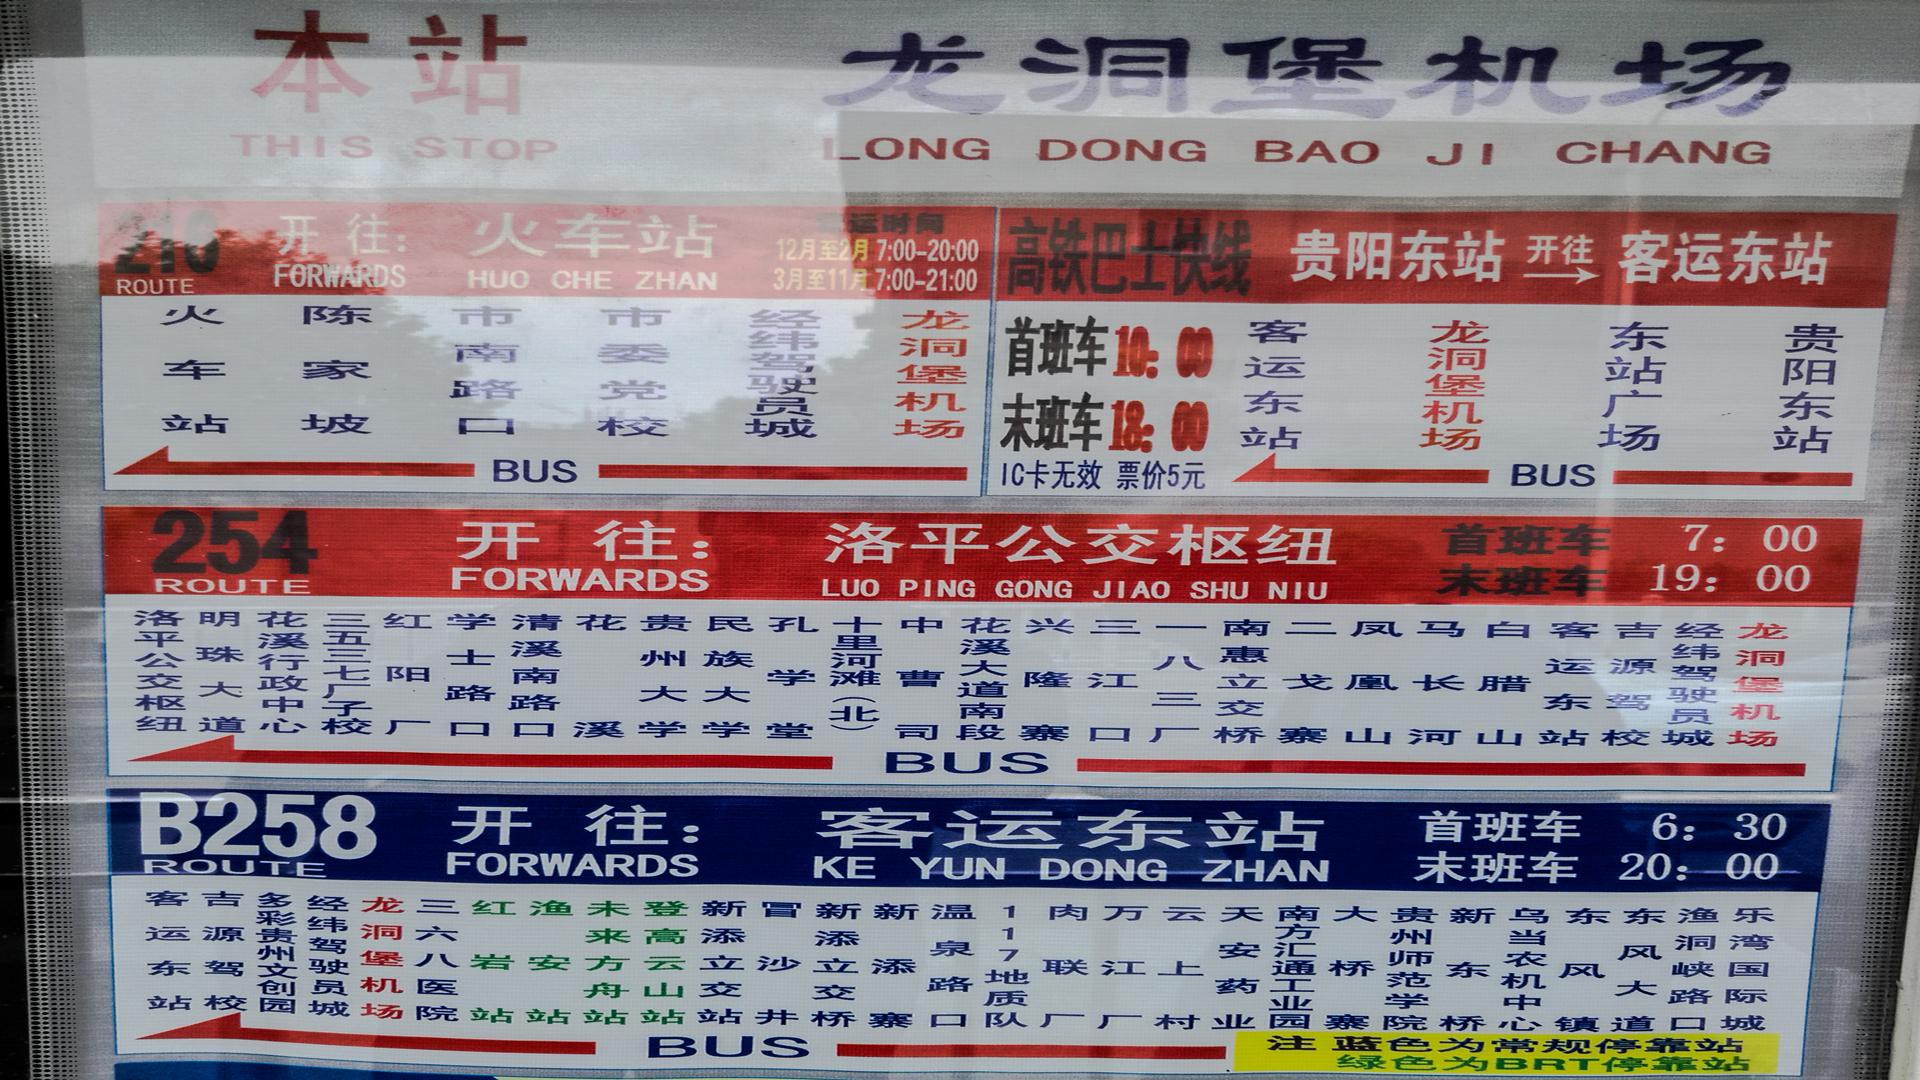 贵阳机场巴士时间表多久一班(乘坐贵阳车的详细攻略)